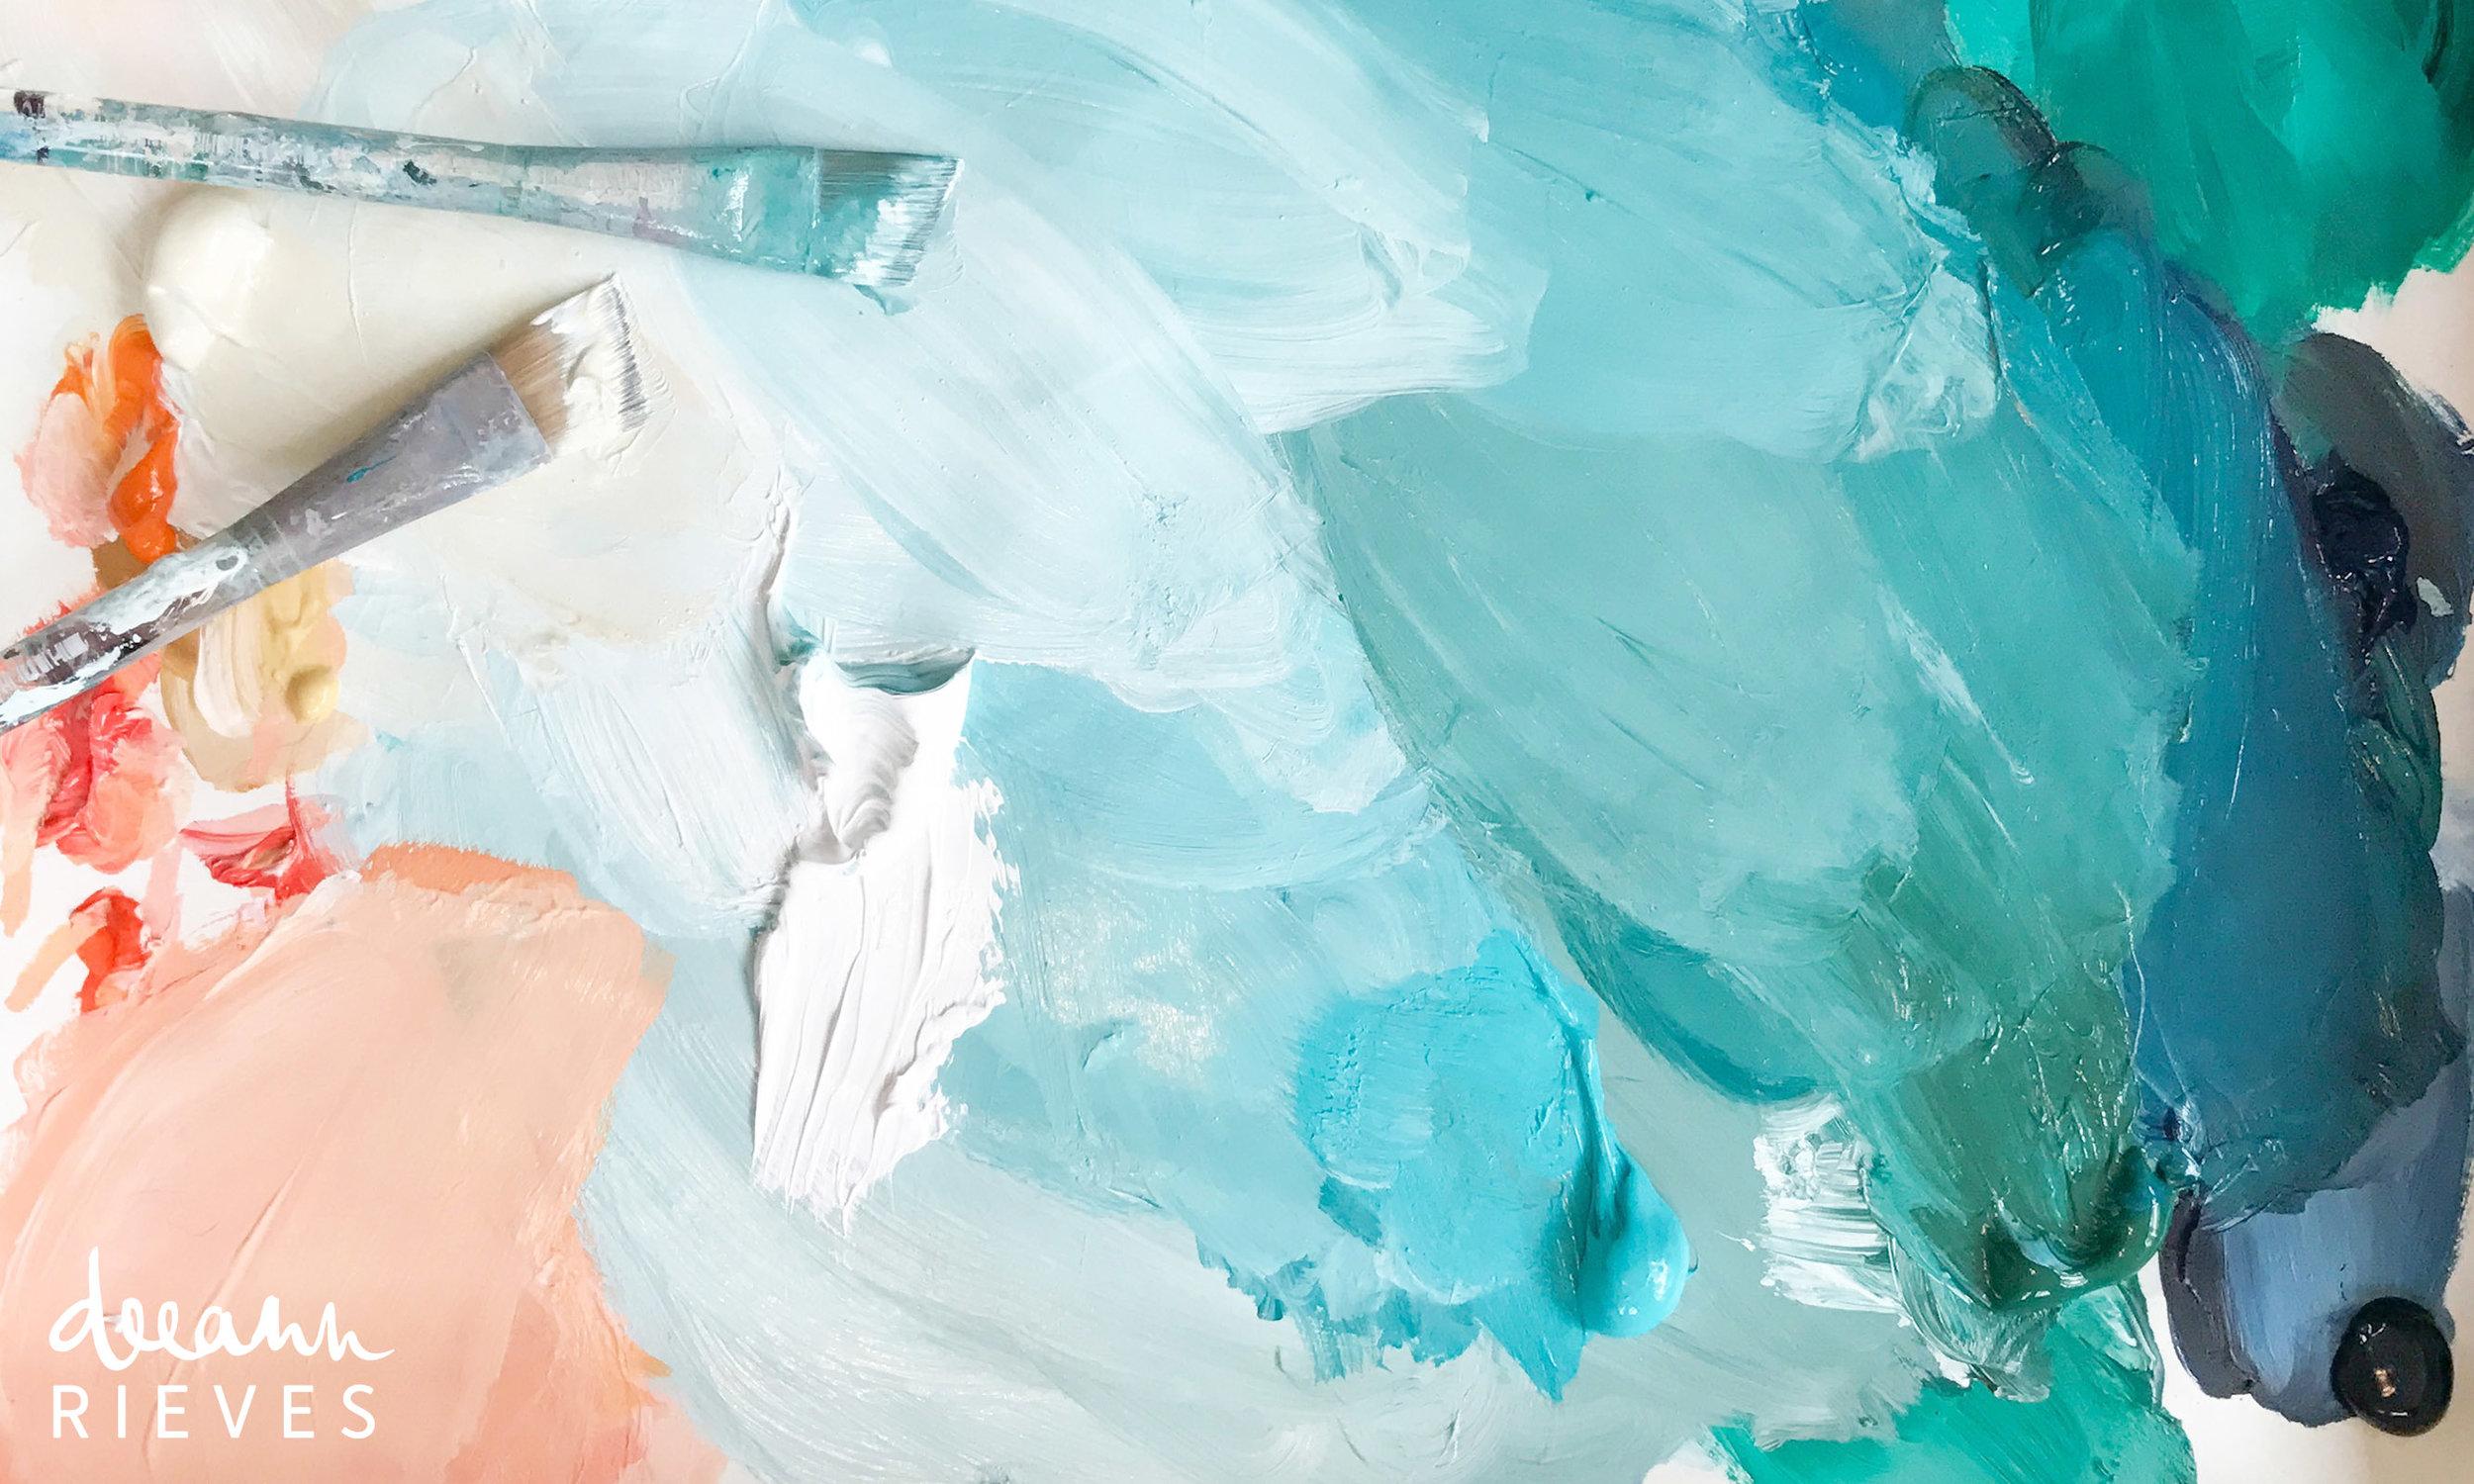 deeann-rieves-paint-palette-desktop.jpg